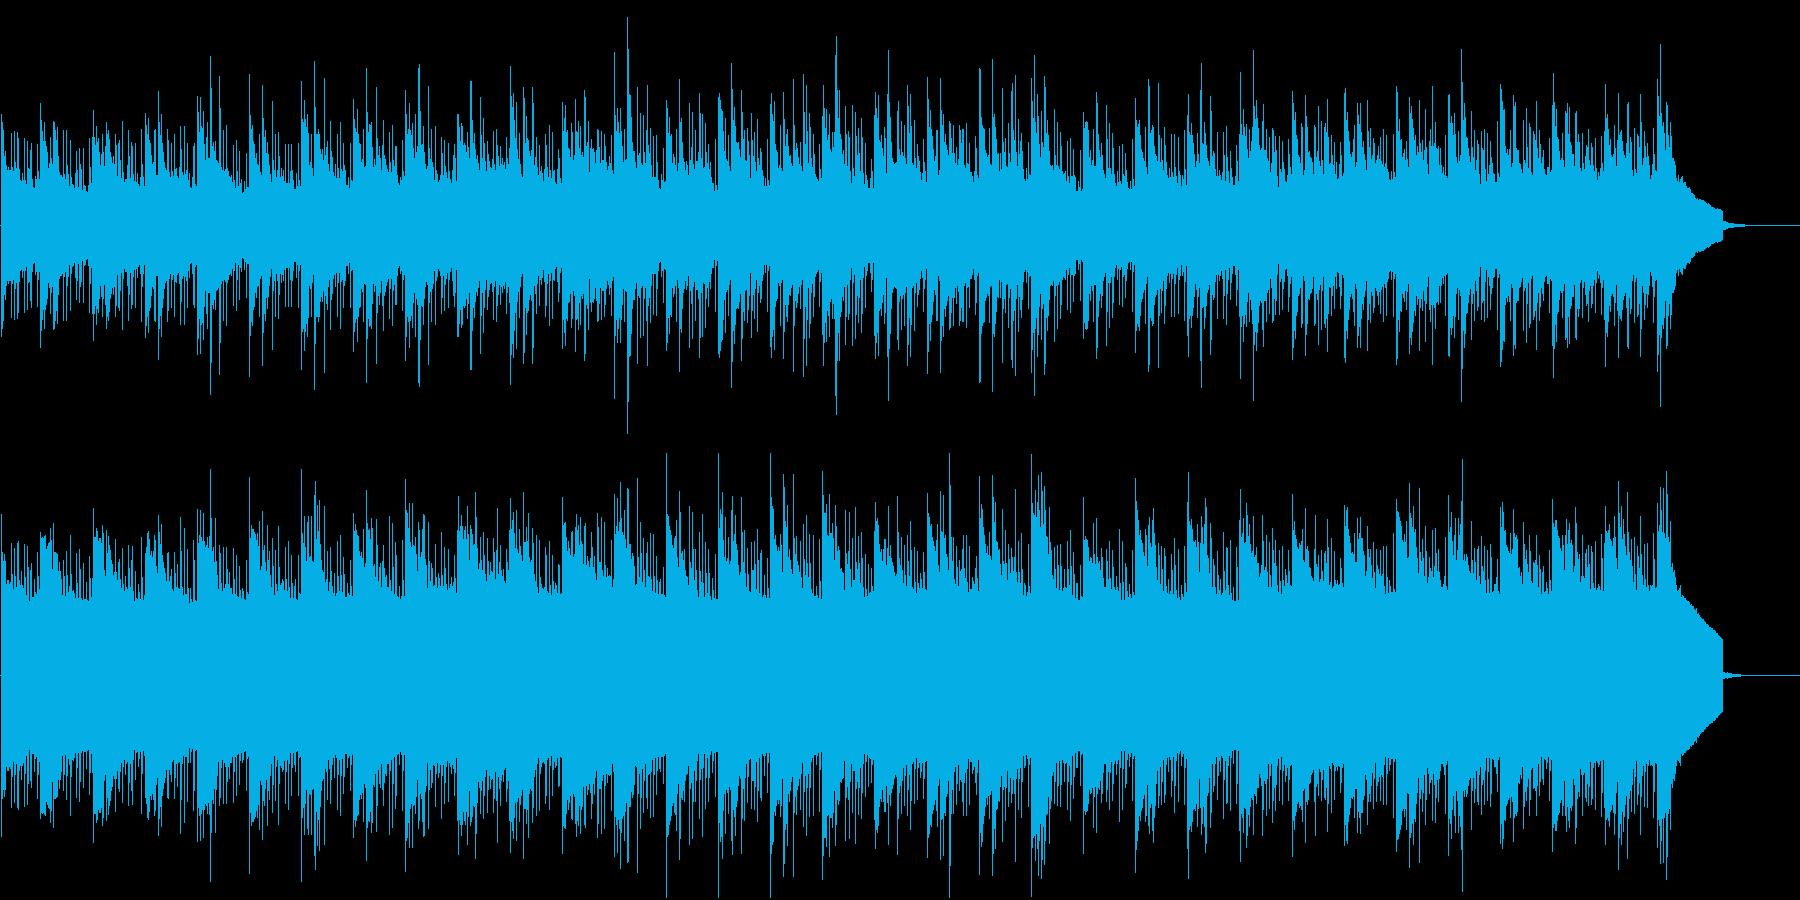 【ドラム抜き】コーポレート/アンビエントの再生済みの波形